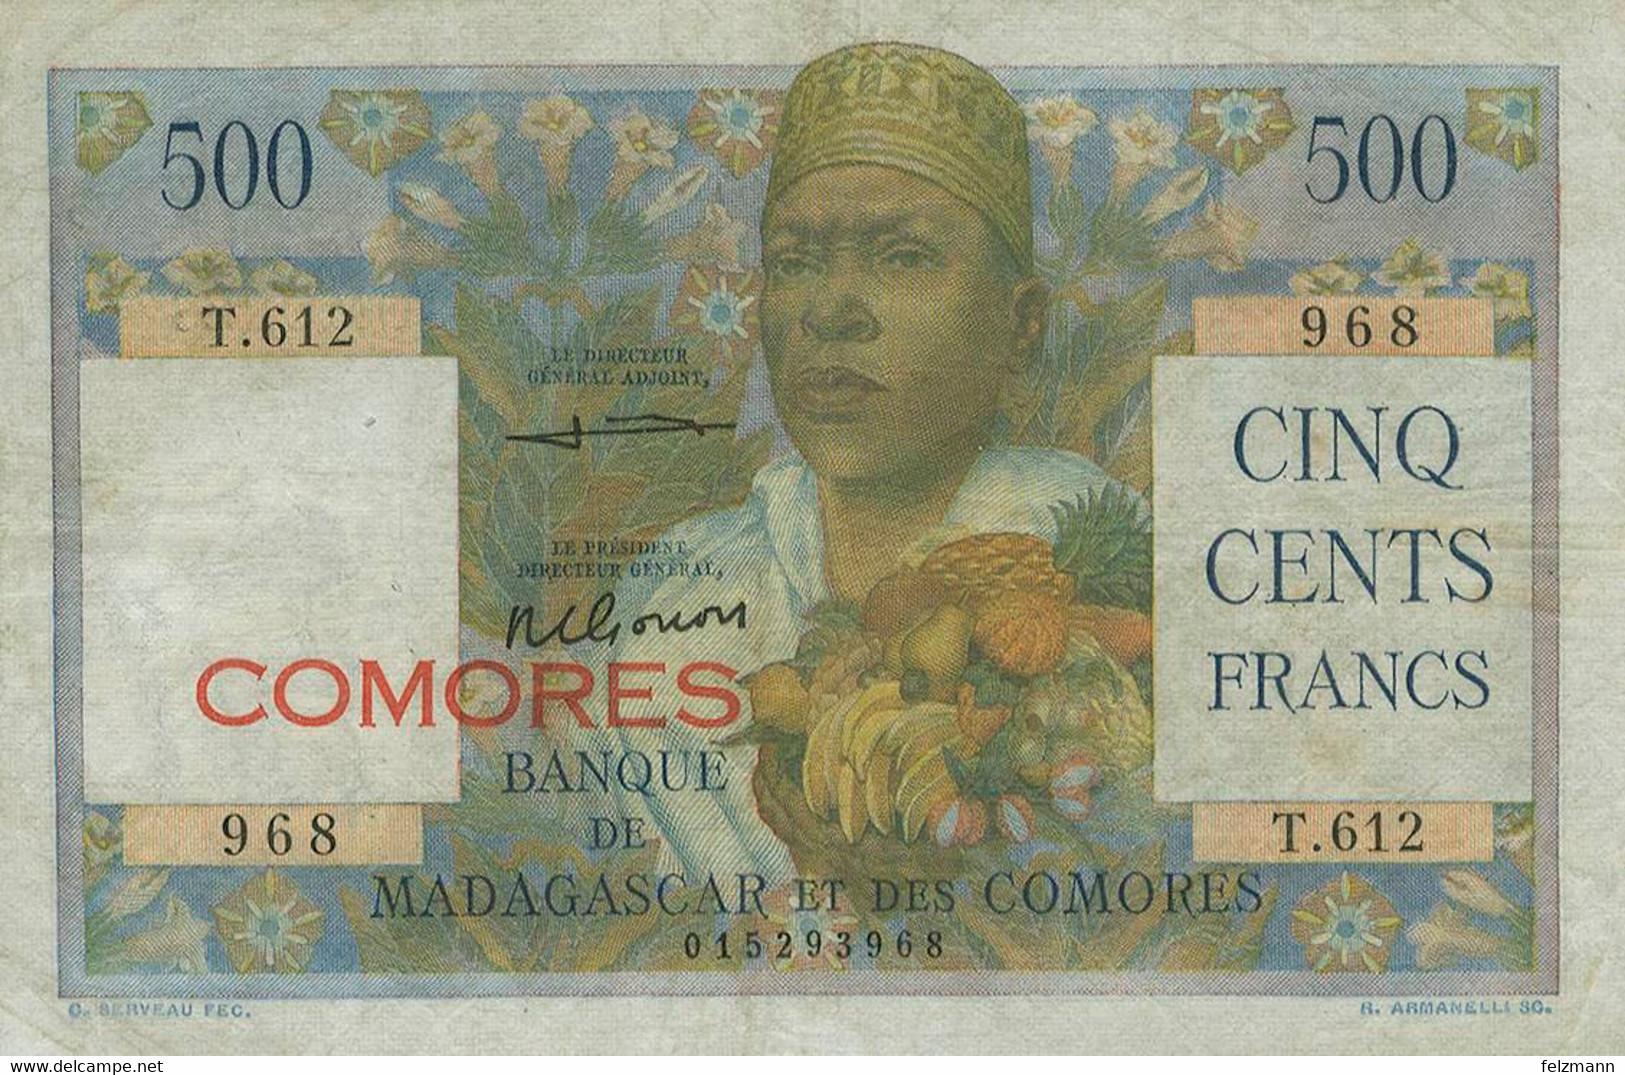 500 Francs, O.D., Gereinigt, WPM 4 B, III - Comoros